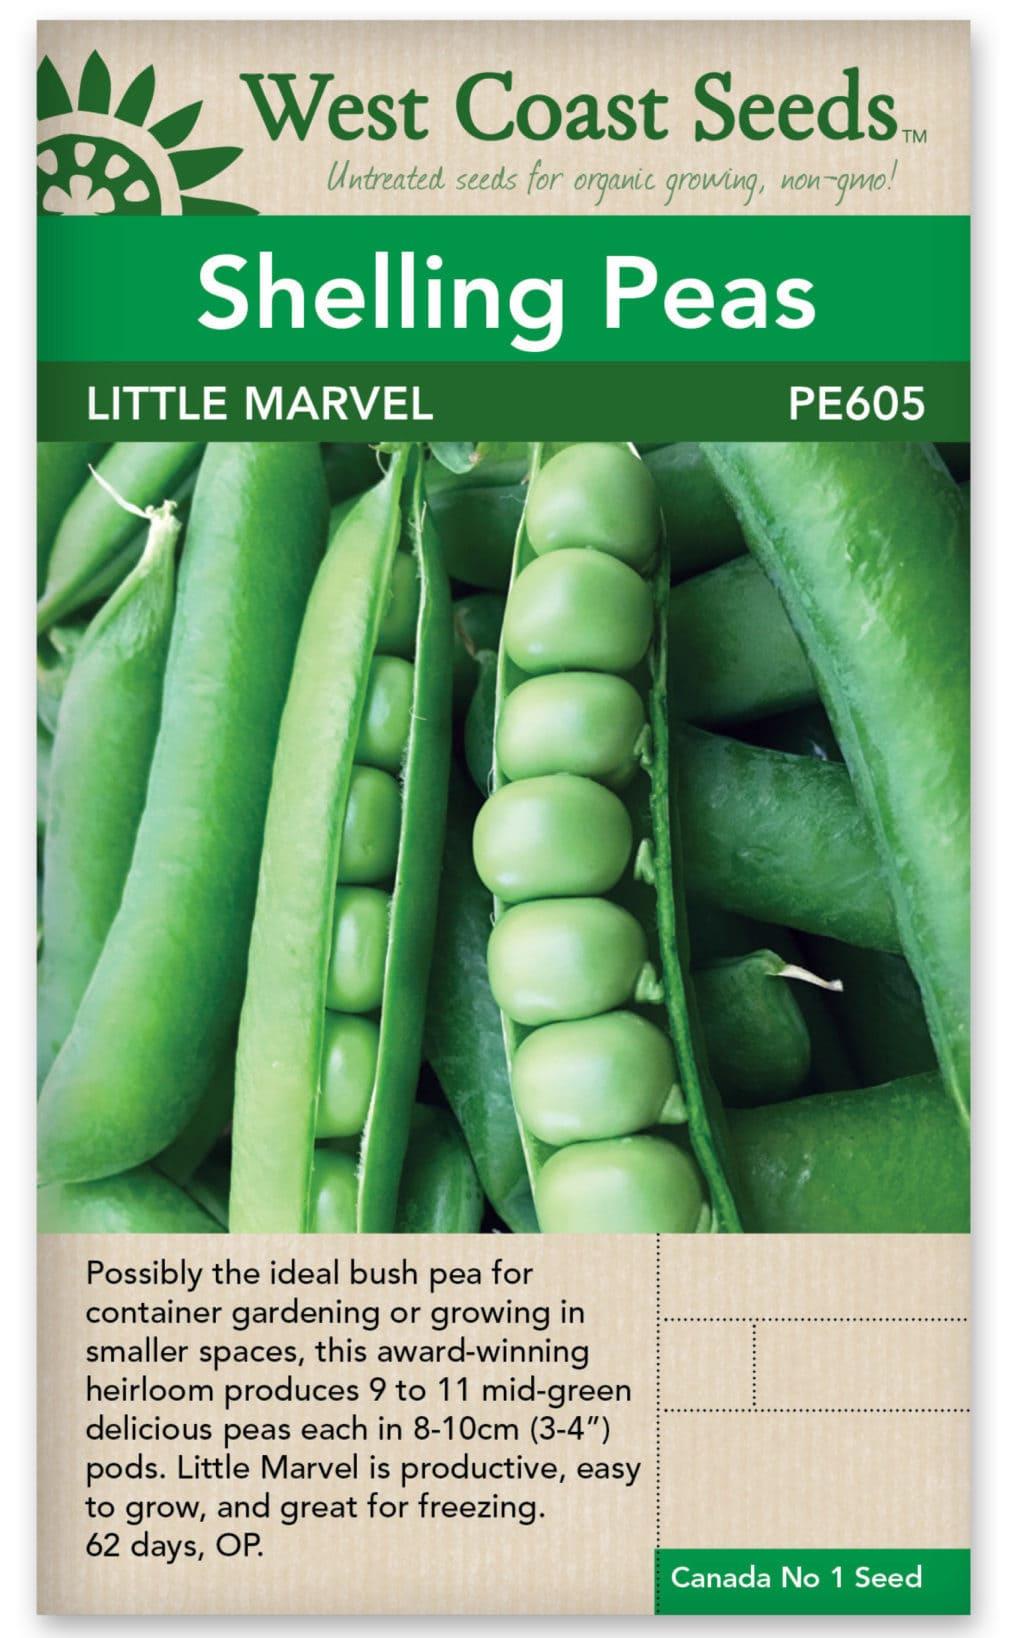 shelling-peas-little-marvel-west-coast-seeds